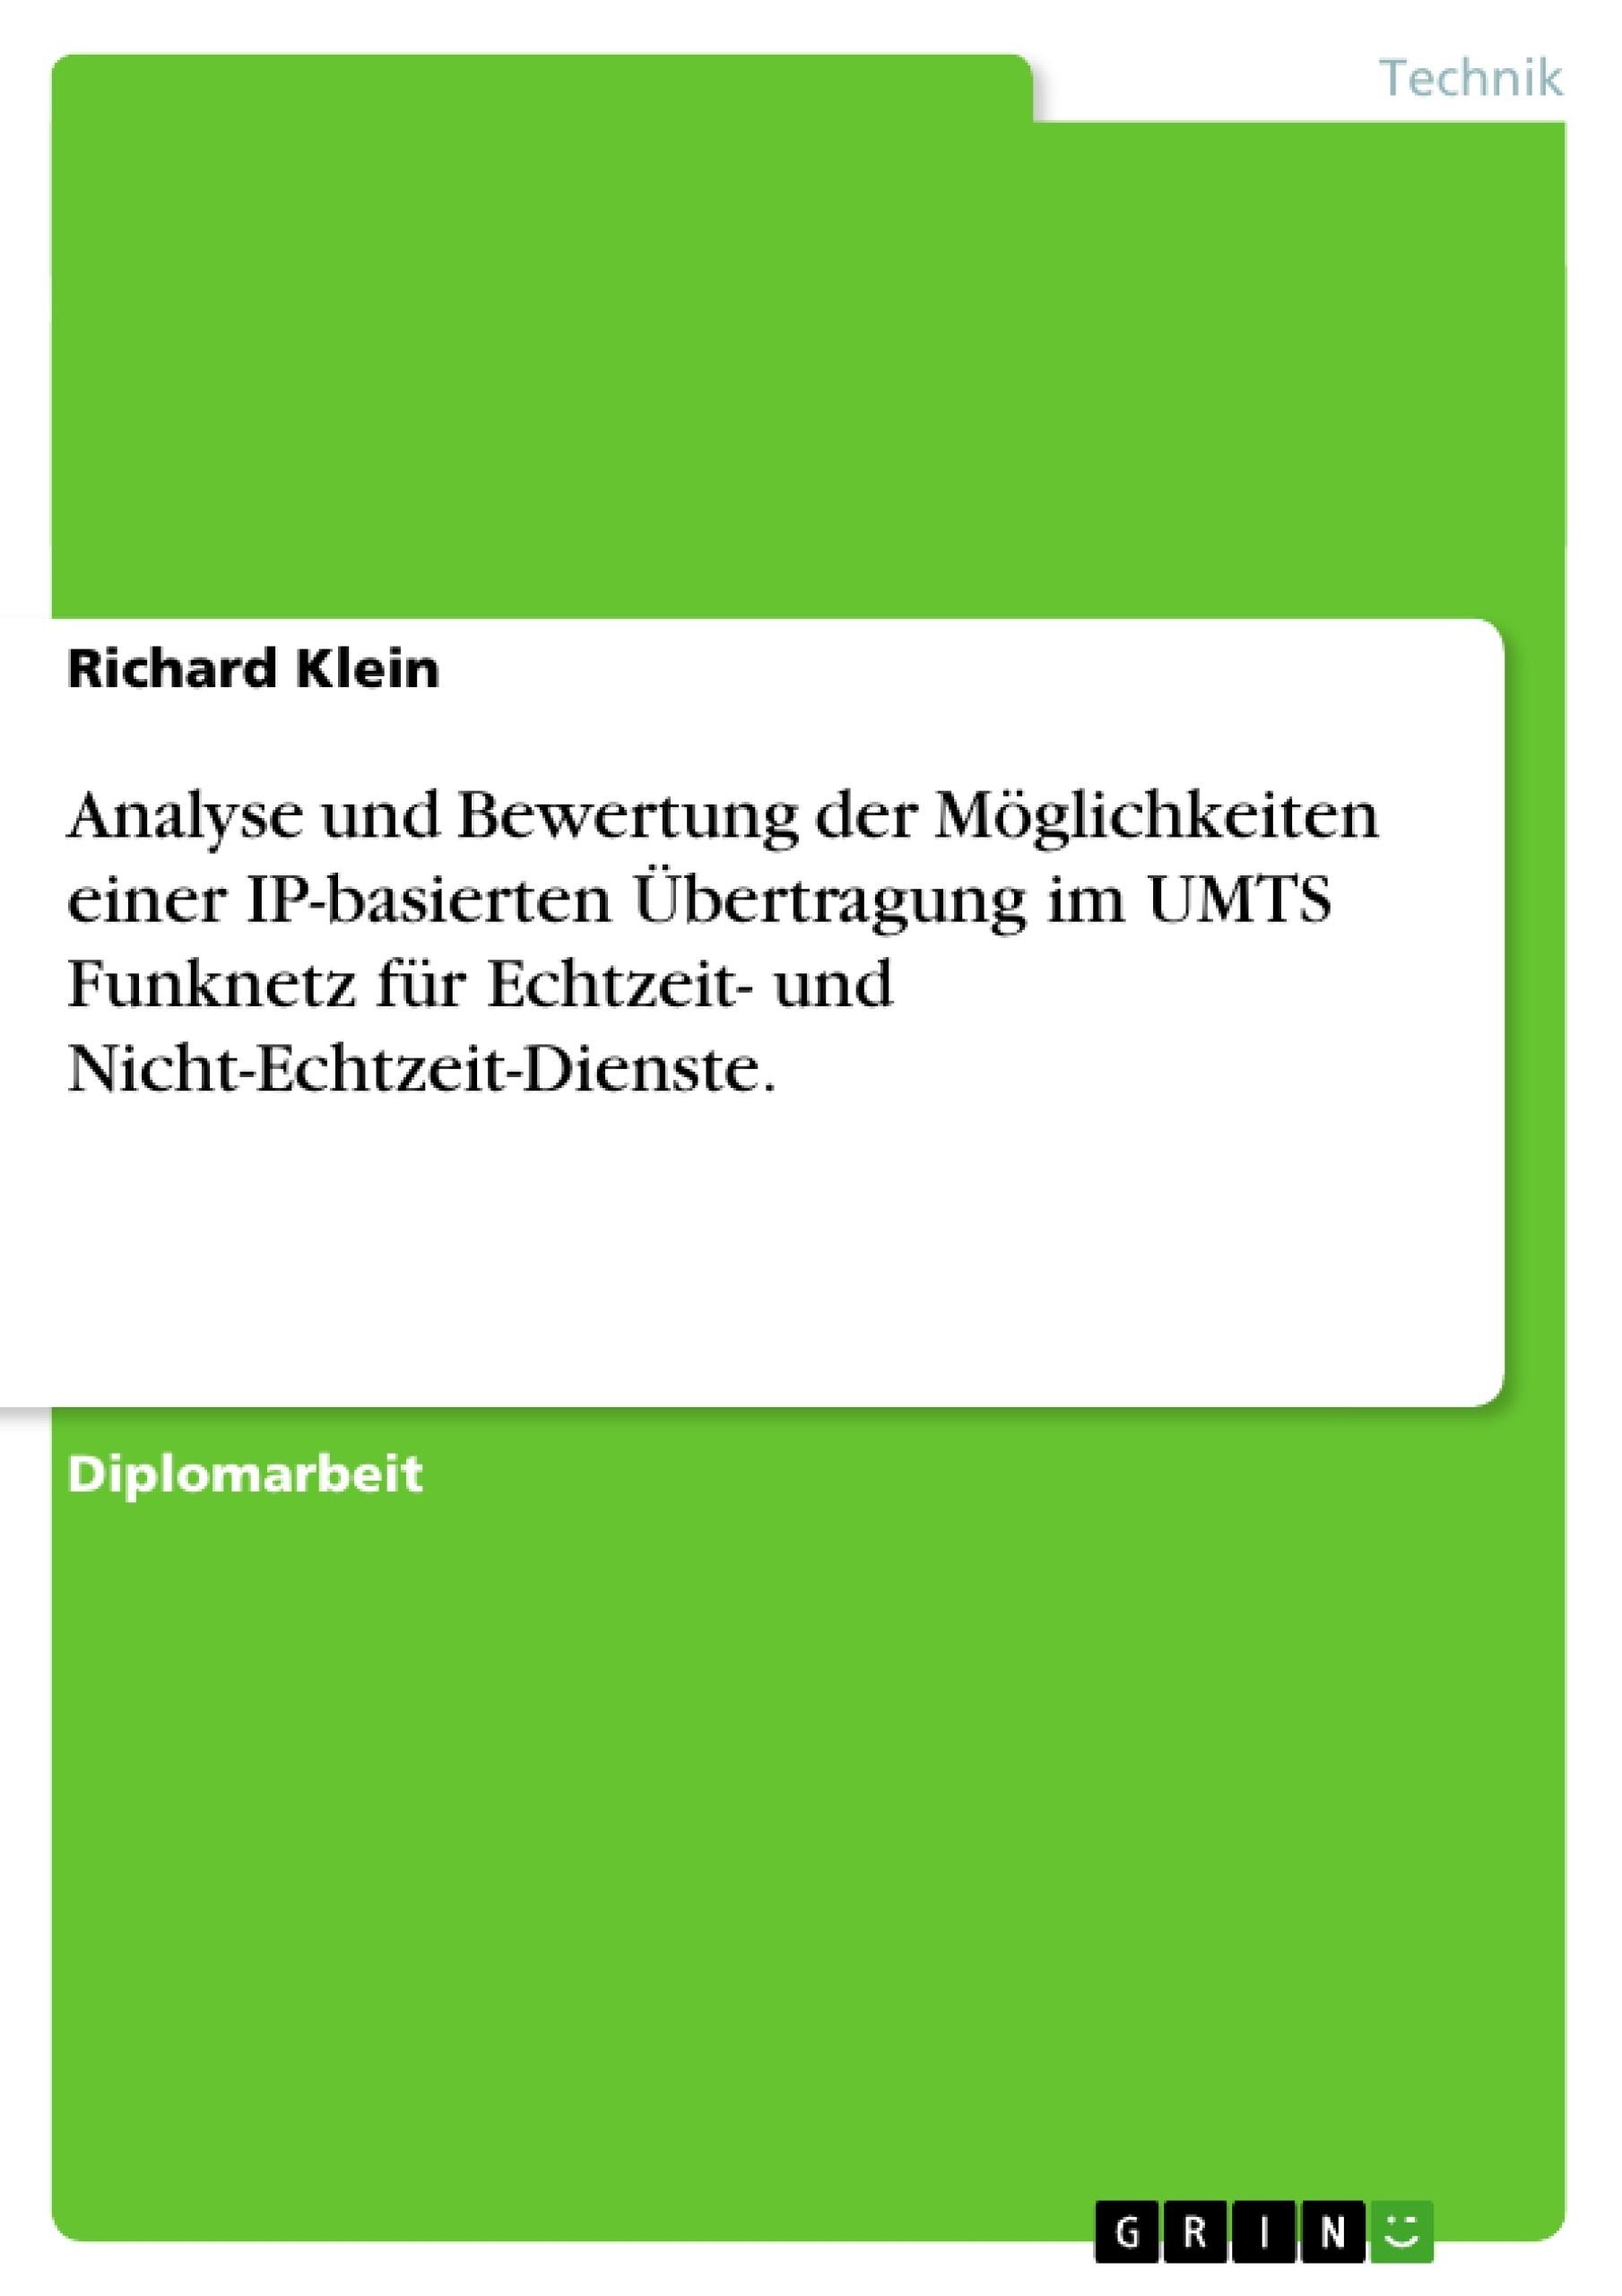 Titel: Analyse und Bewertung der Möglichkeiten einer IP-basierten Übertragung im UMTS Funknetz für Echtzeit- und Nicht-Echtzeit-Dienste.